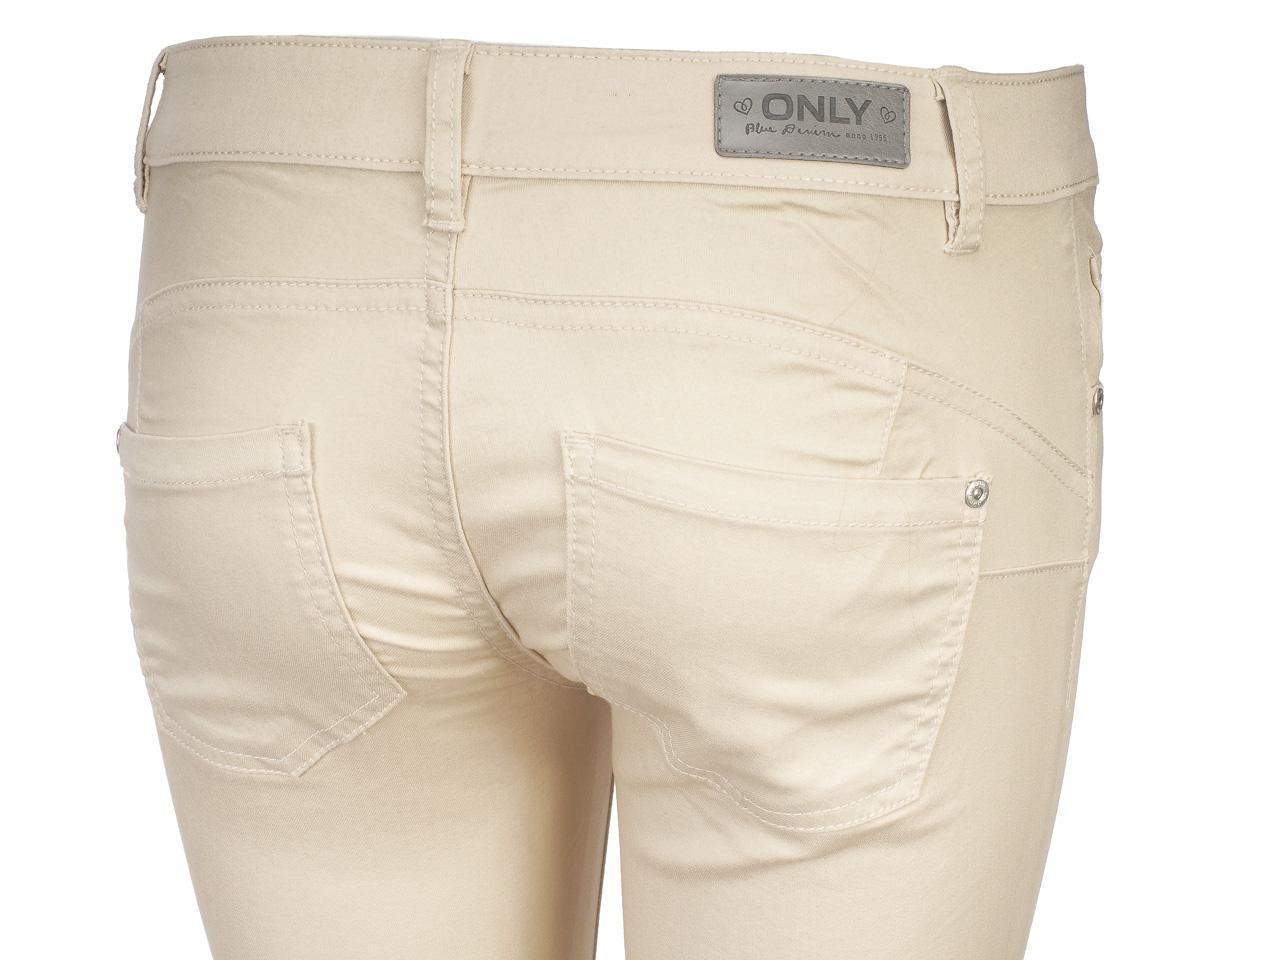 Pantalon-Only-Lucia-32-ecr-skin-push-up-Beige-43781-Neuf